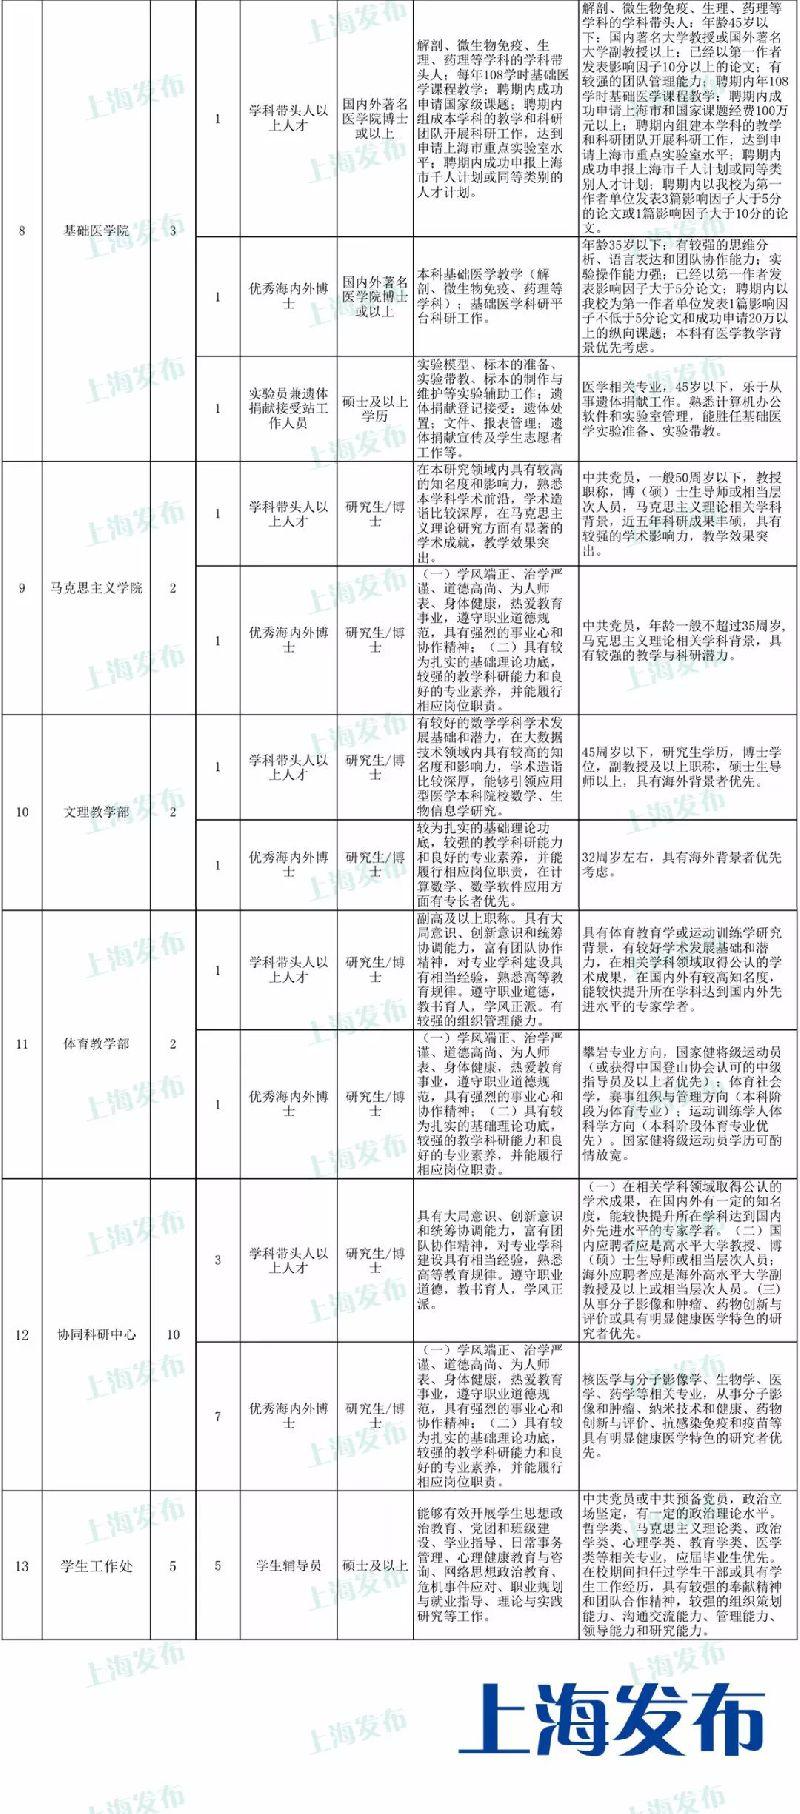 上海健康医学院招聘90名工作人员 即日起报名